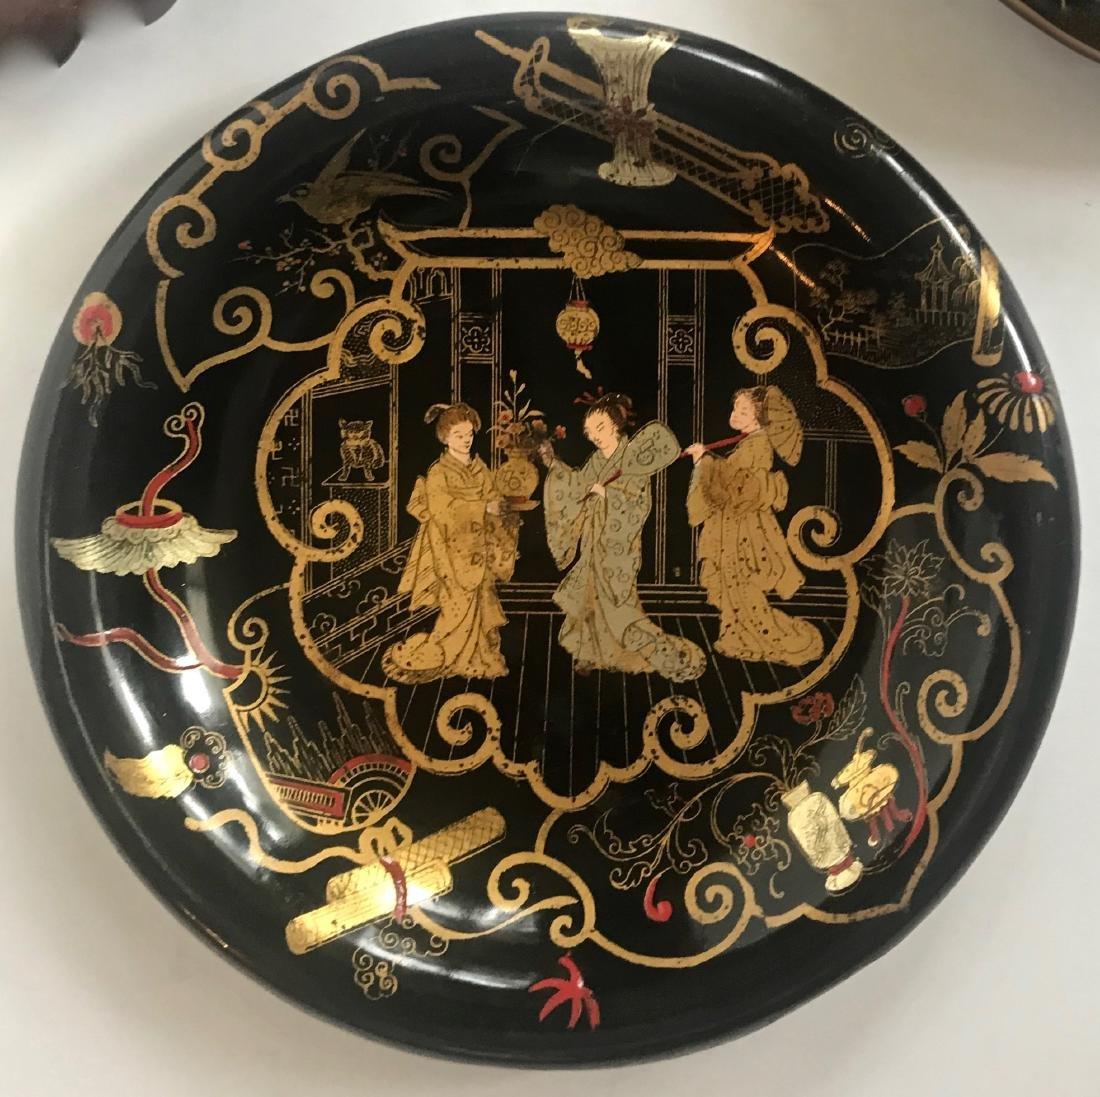 Antique Chinoiserie Papier Mache Lacquer Plates (3) - 2